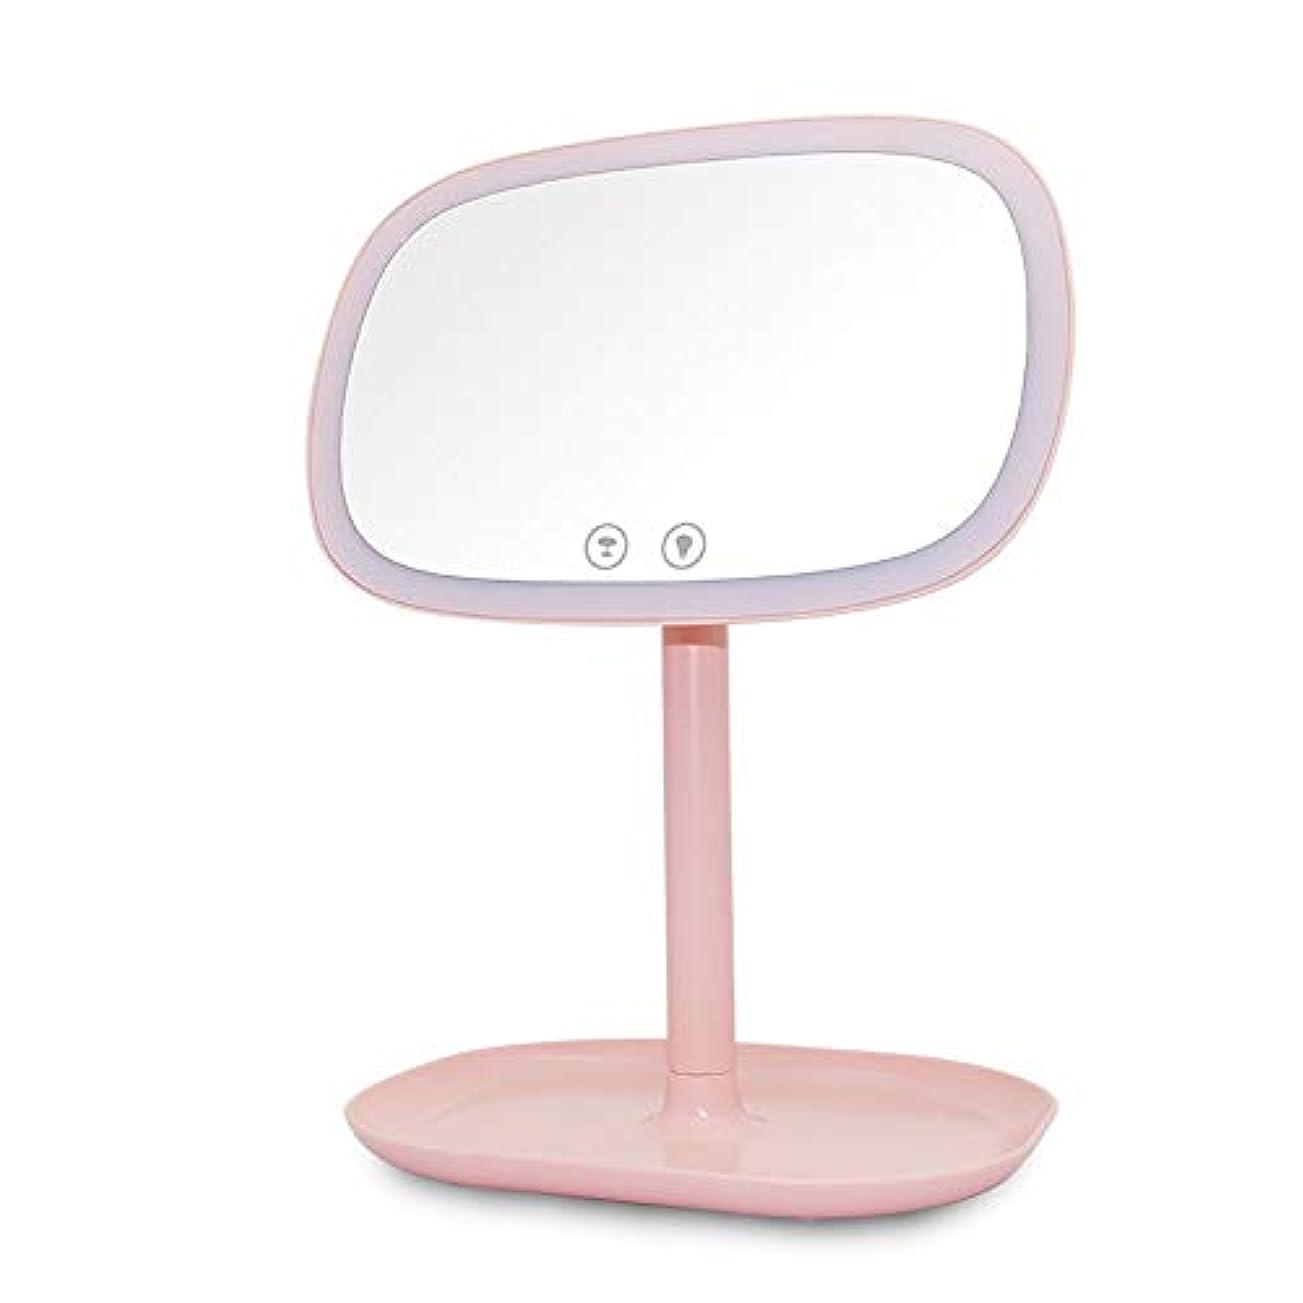 切り下げ寛容目に見える充電式 化粧鏡 10倍拡大鏡充電式タッチコントロール360度スイベルデスクトップバニティミラーLED表ナイトライトカウンター照明付き化粧化粧鏡 寒暖色調節可能 化粧鏡 (色 : ピンク, サイズ : ワンサイズ)